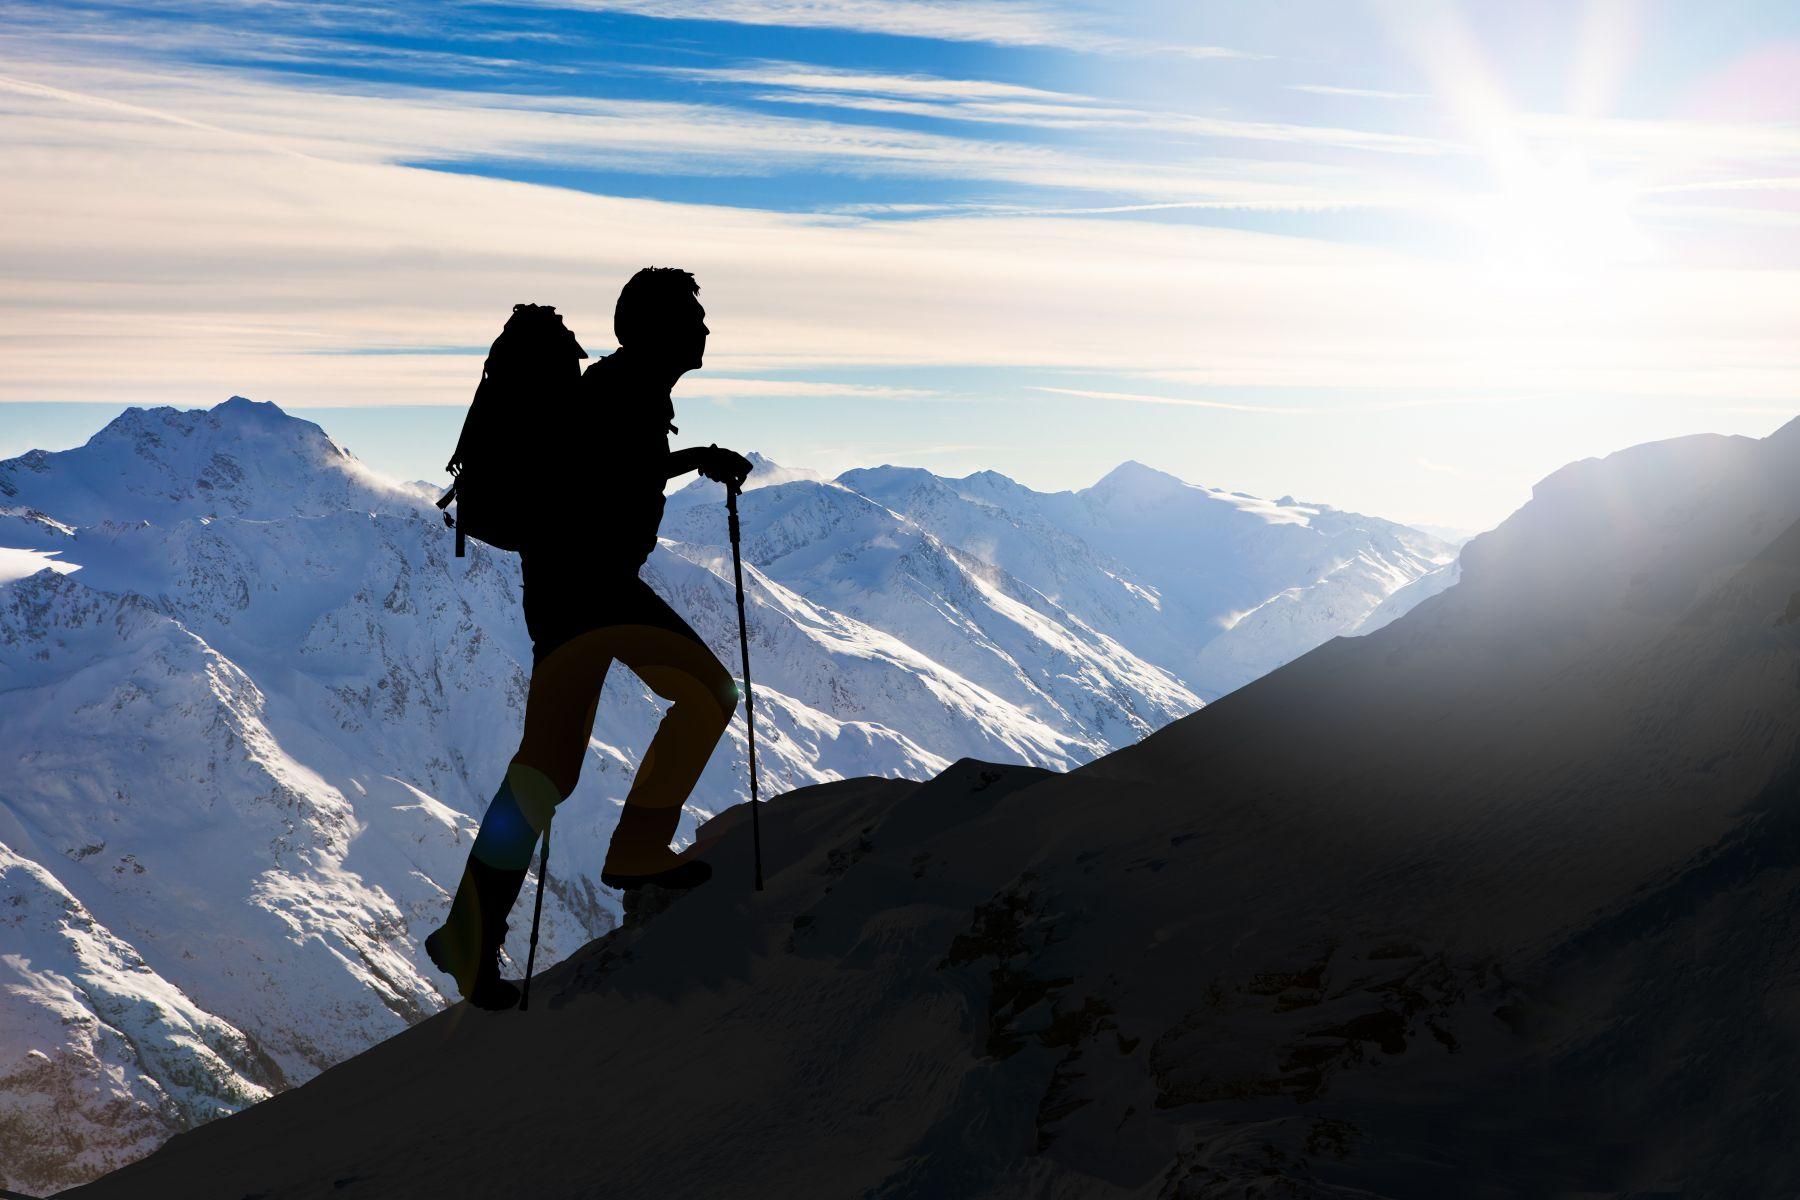 搜救浪費公帑!登山客搞失聯 能罰嗎?